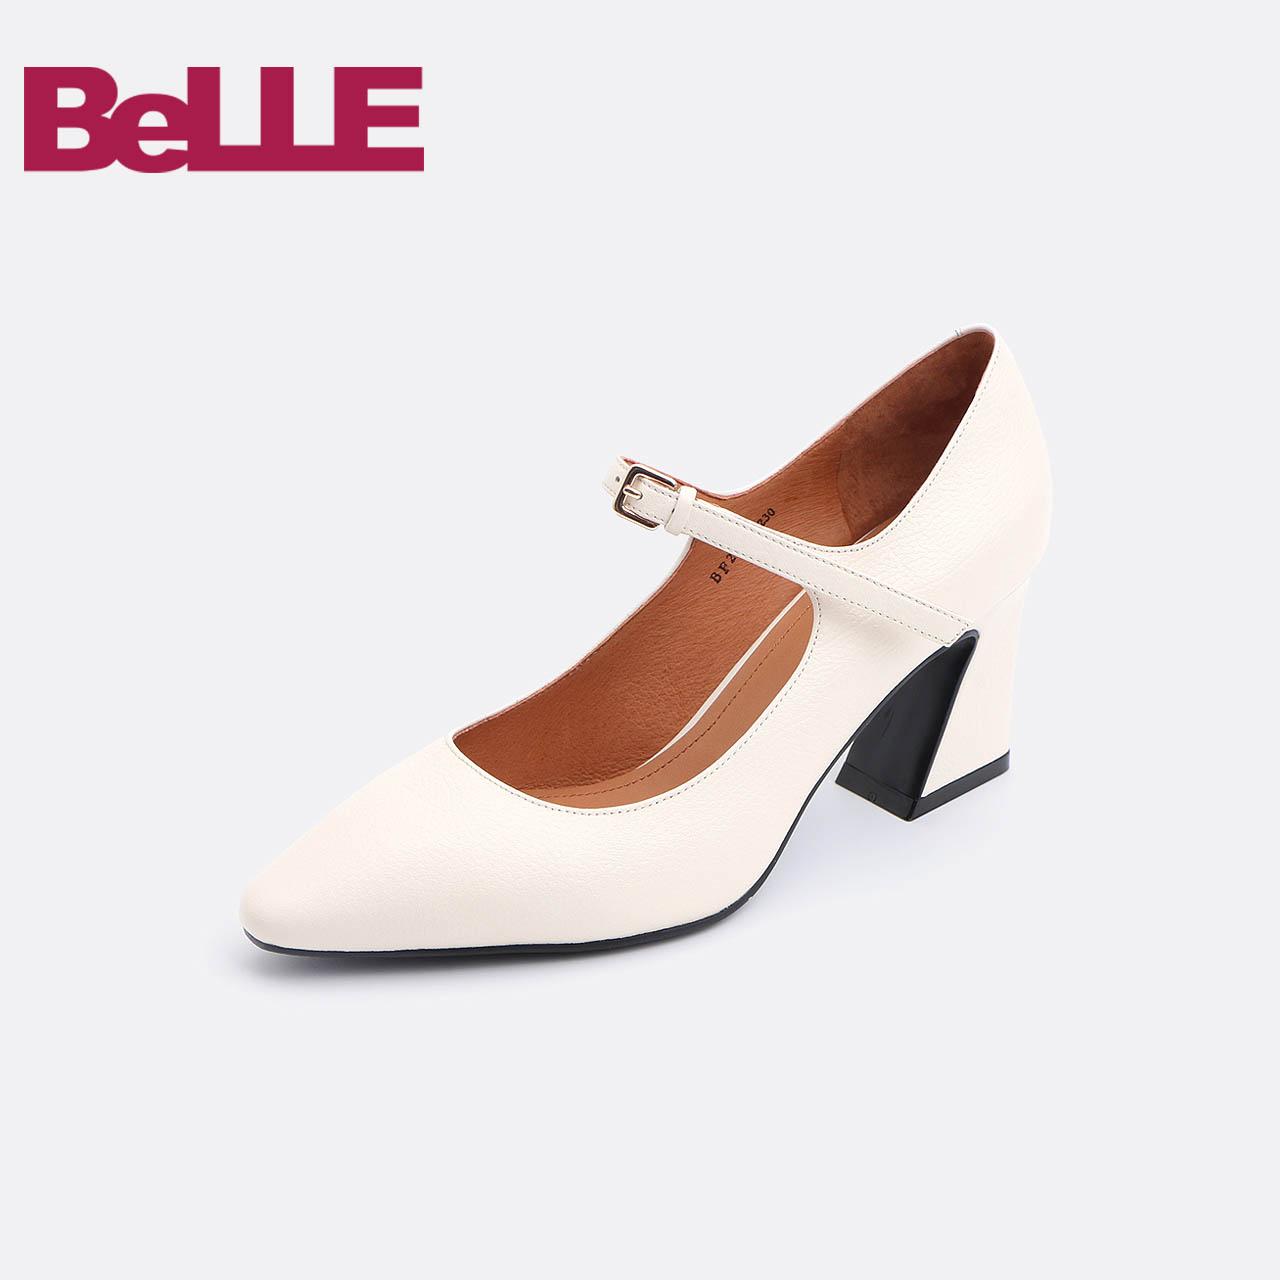 百丽玛丽珍鞋2018秋商场同款牛皮复古粗跟女单鞋BF201CQ8